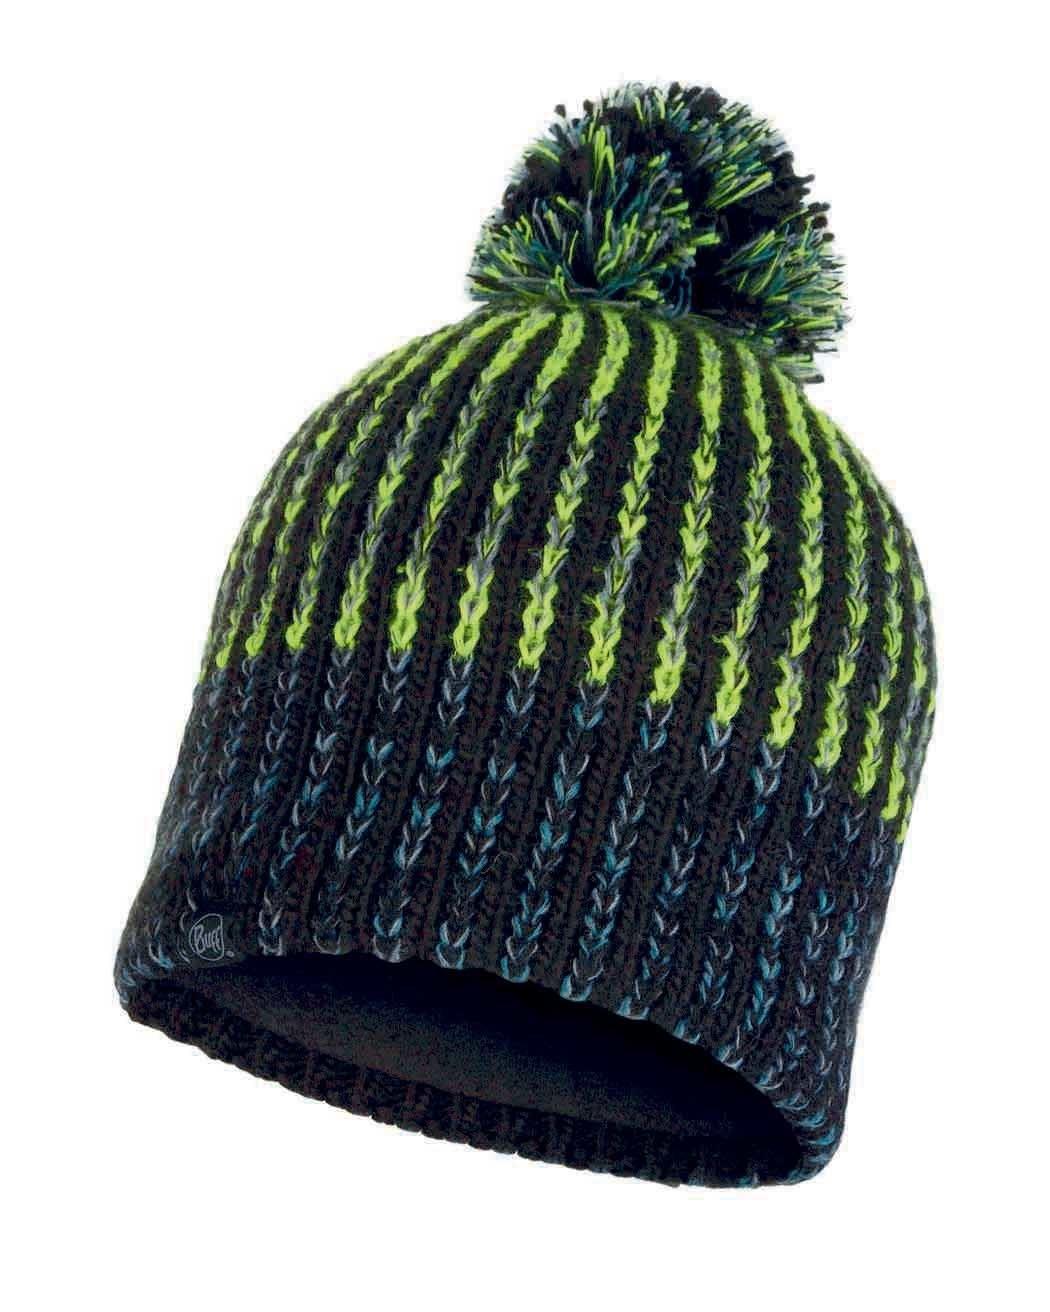 Шапки с помпоном Вязаная шапка с флисовой подкладкой Buff Hat Knitted Polar Iver Black 117900.999.10.00.jpg